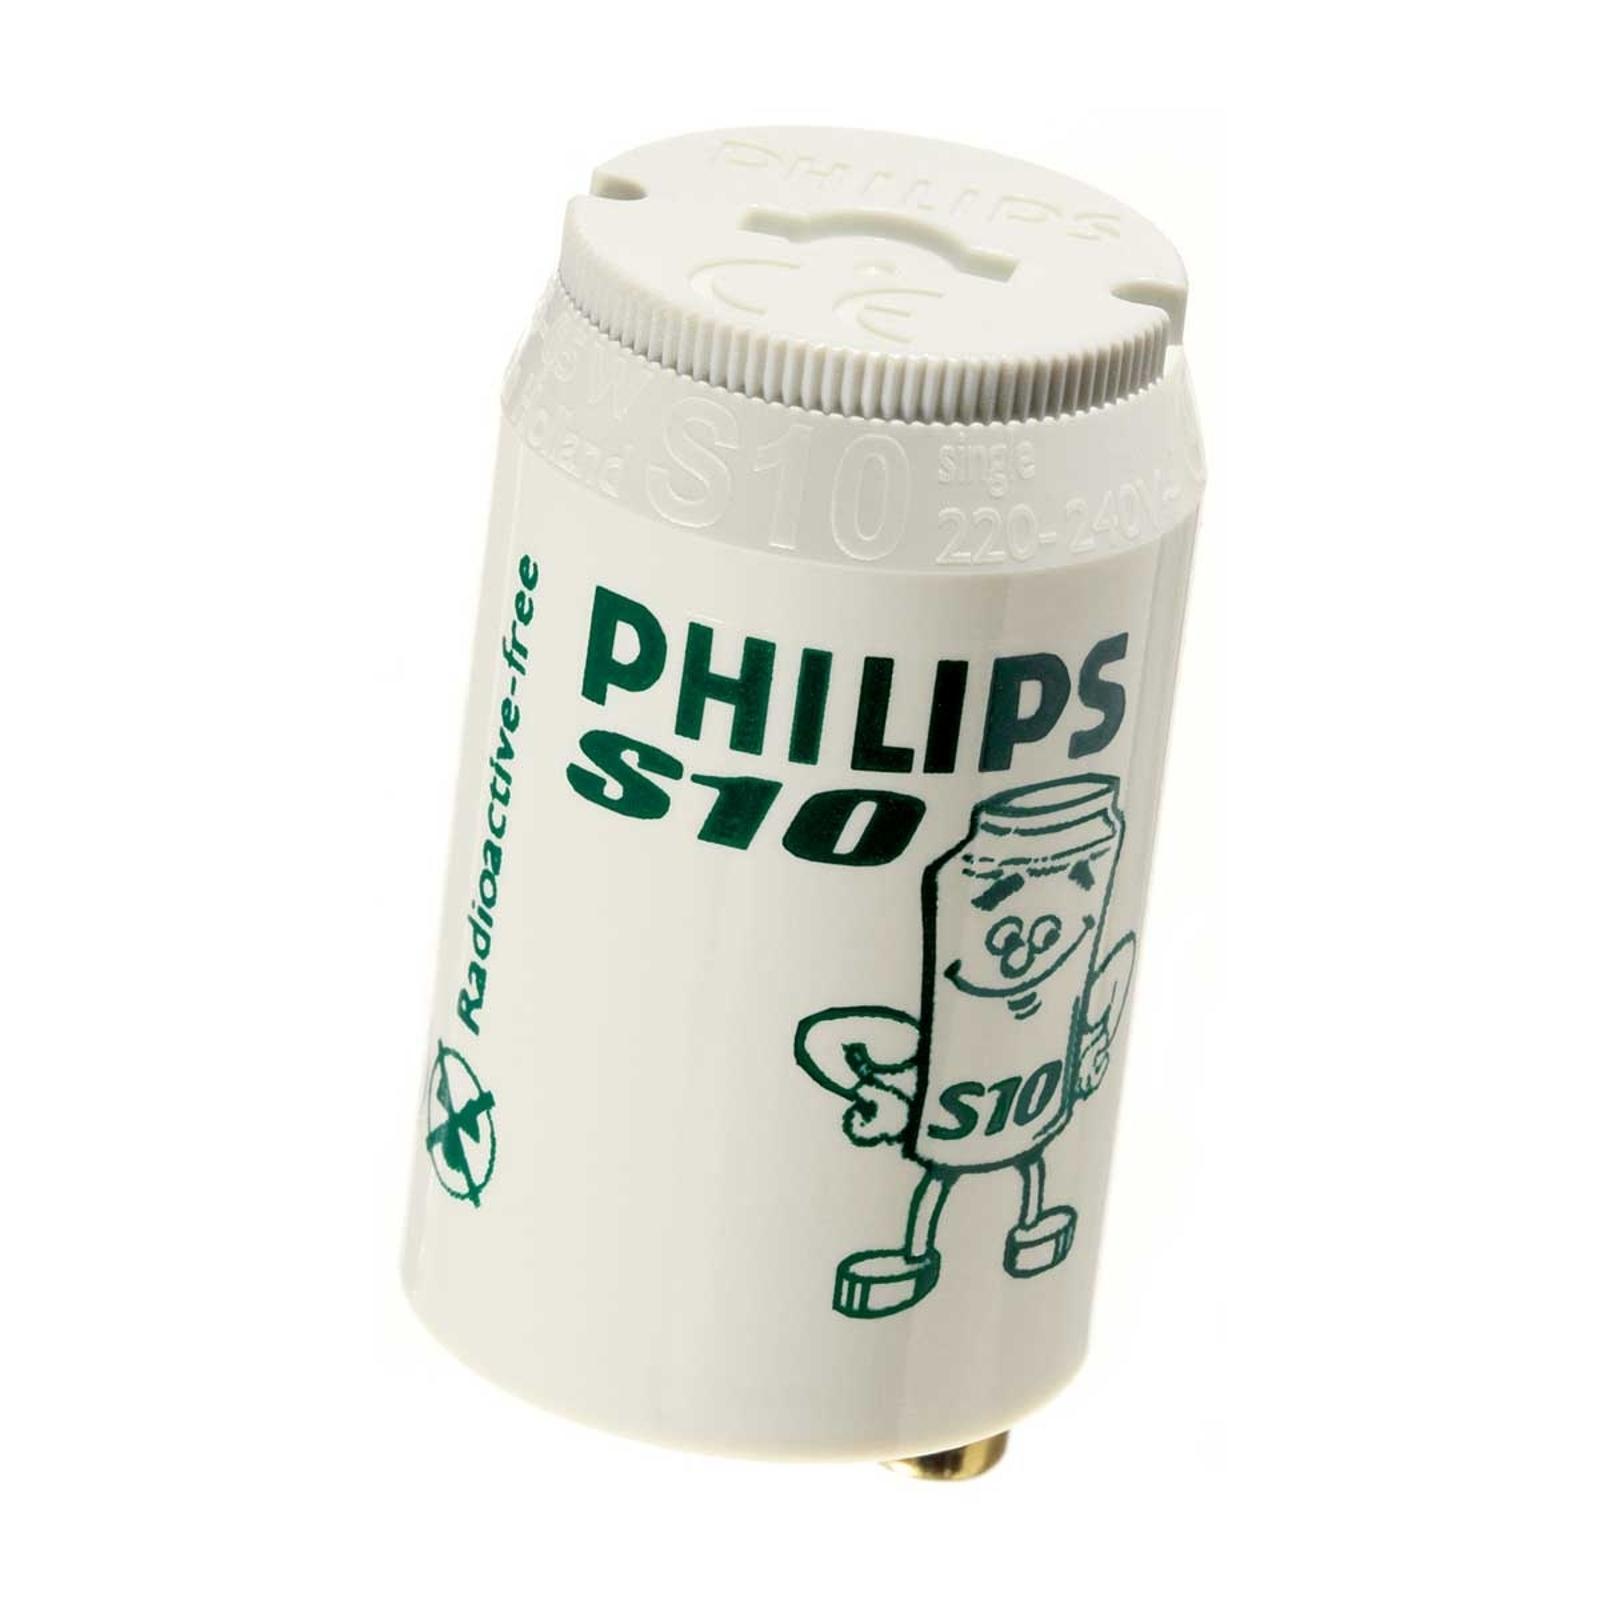 Starter til lysstofrør S10 4-65W fra Philips